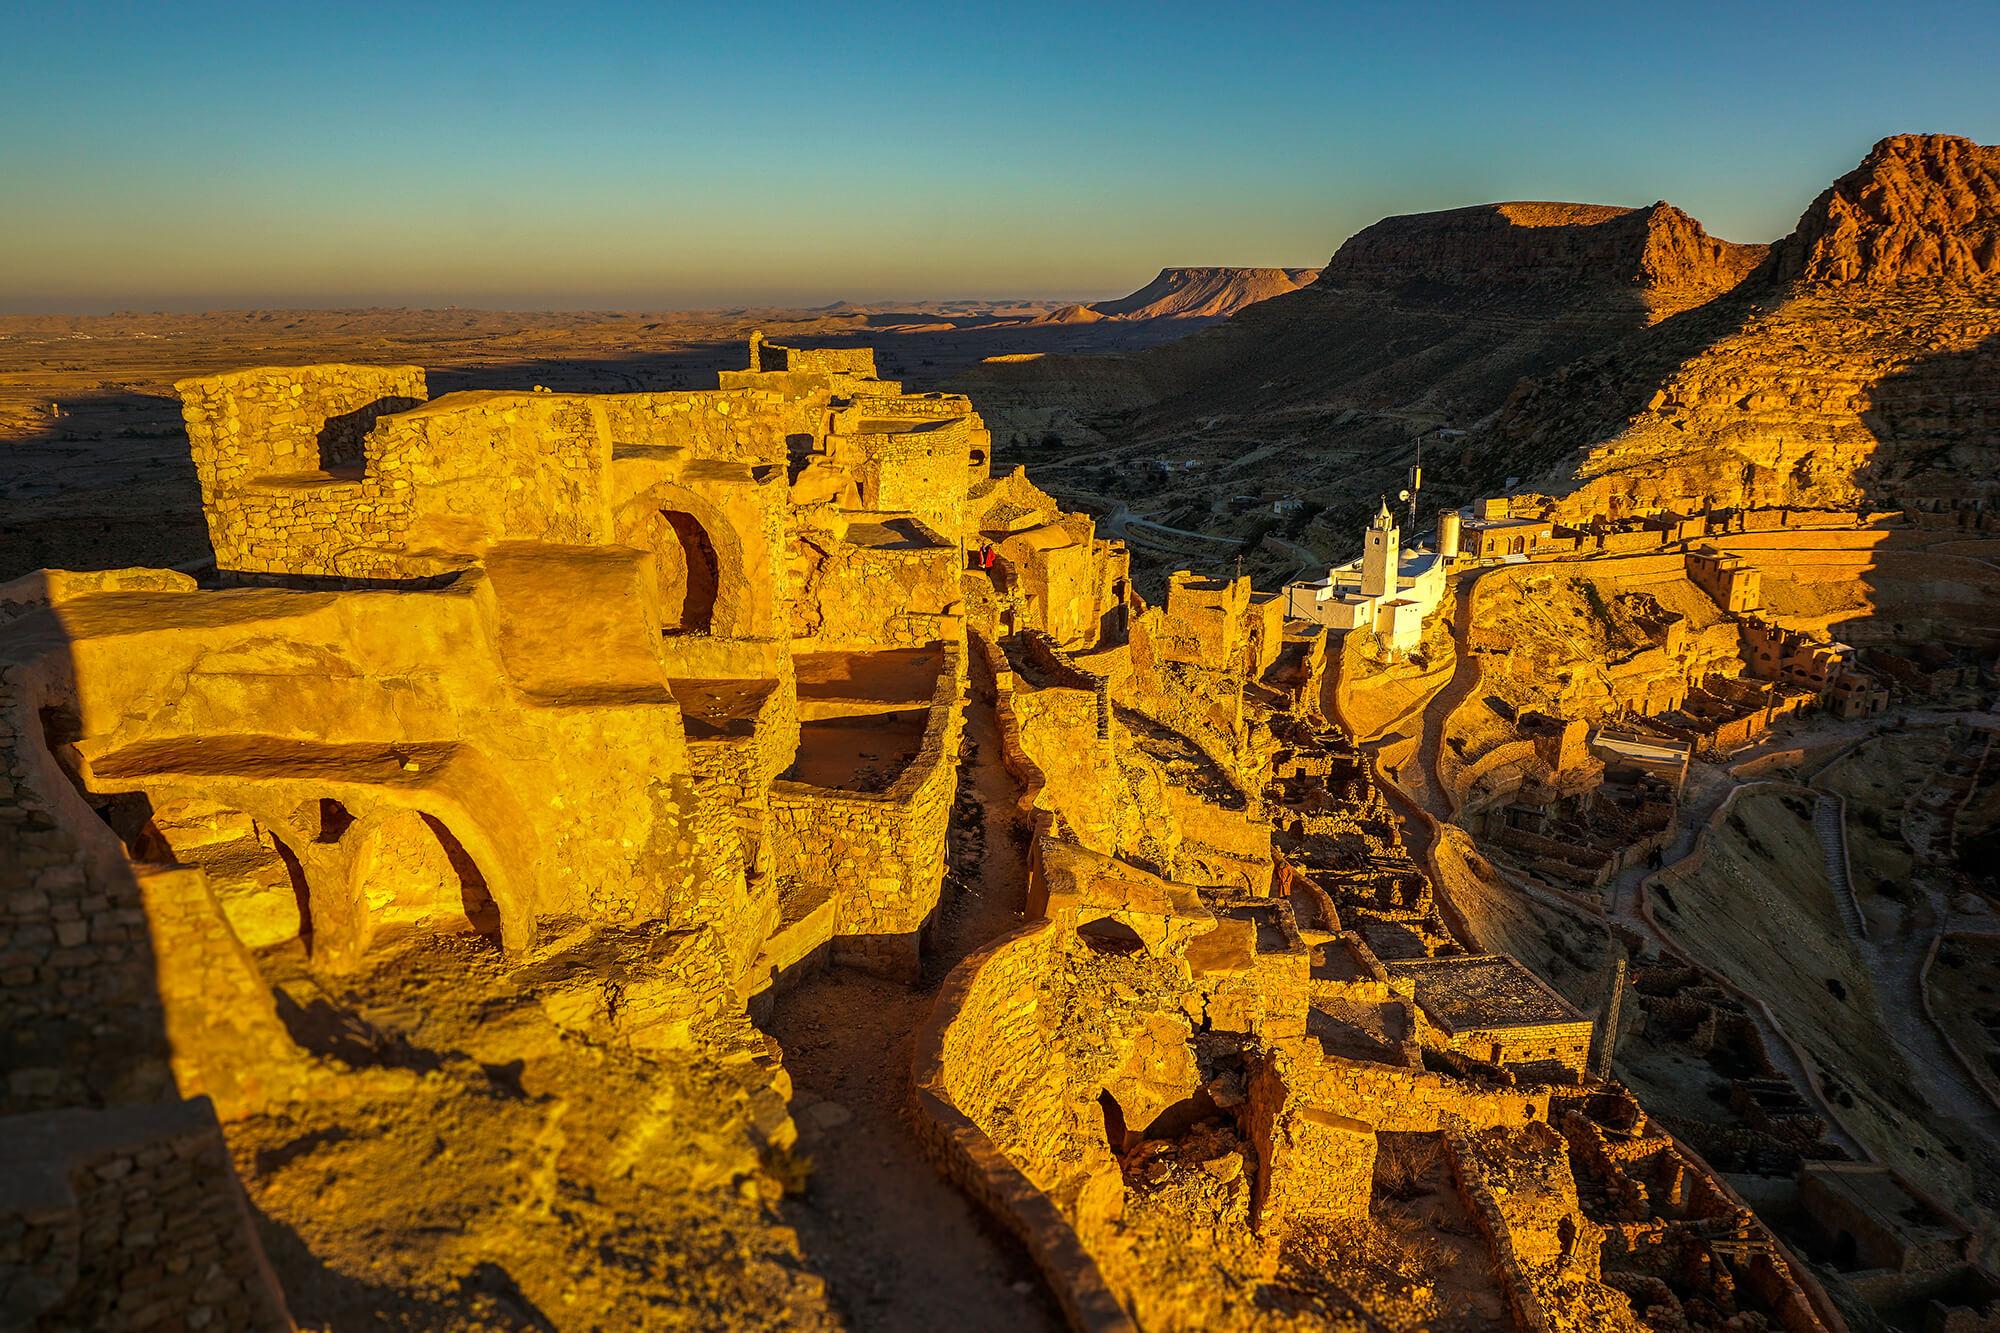 突尼斯旅游_北非突尼斯:撒哈拉的玫瑰 – LevArt Travel